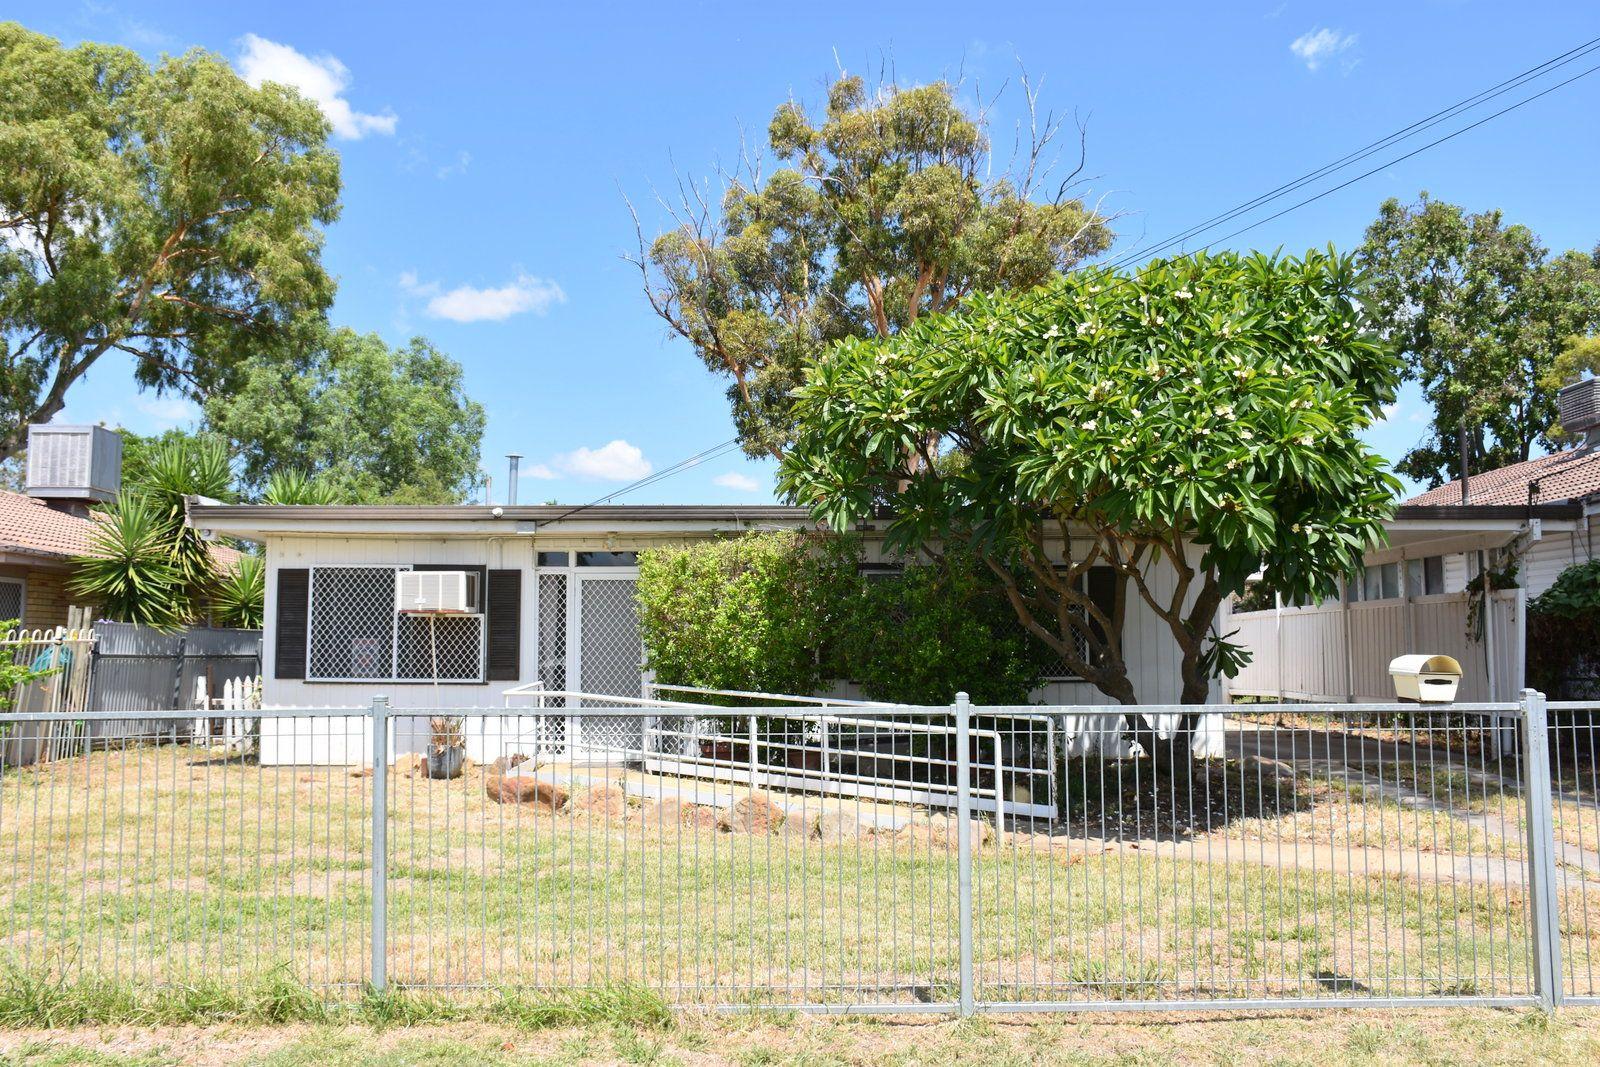 305 Edward Street, Moree NSW 2400, Image 0